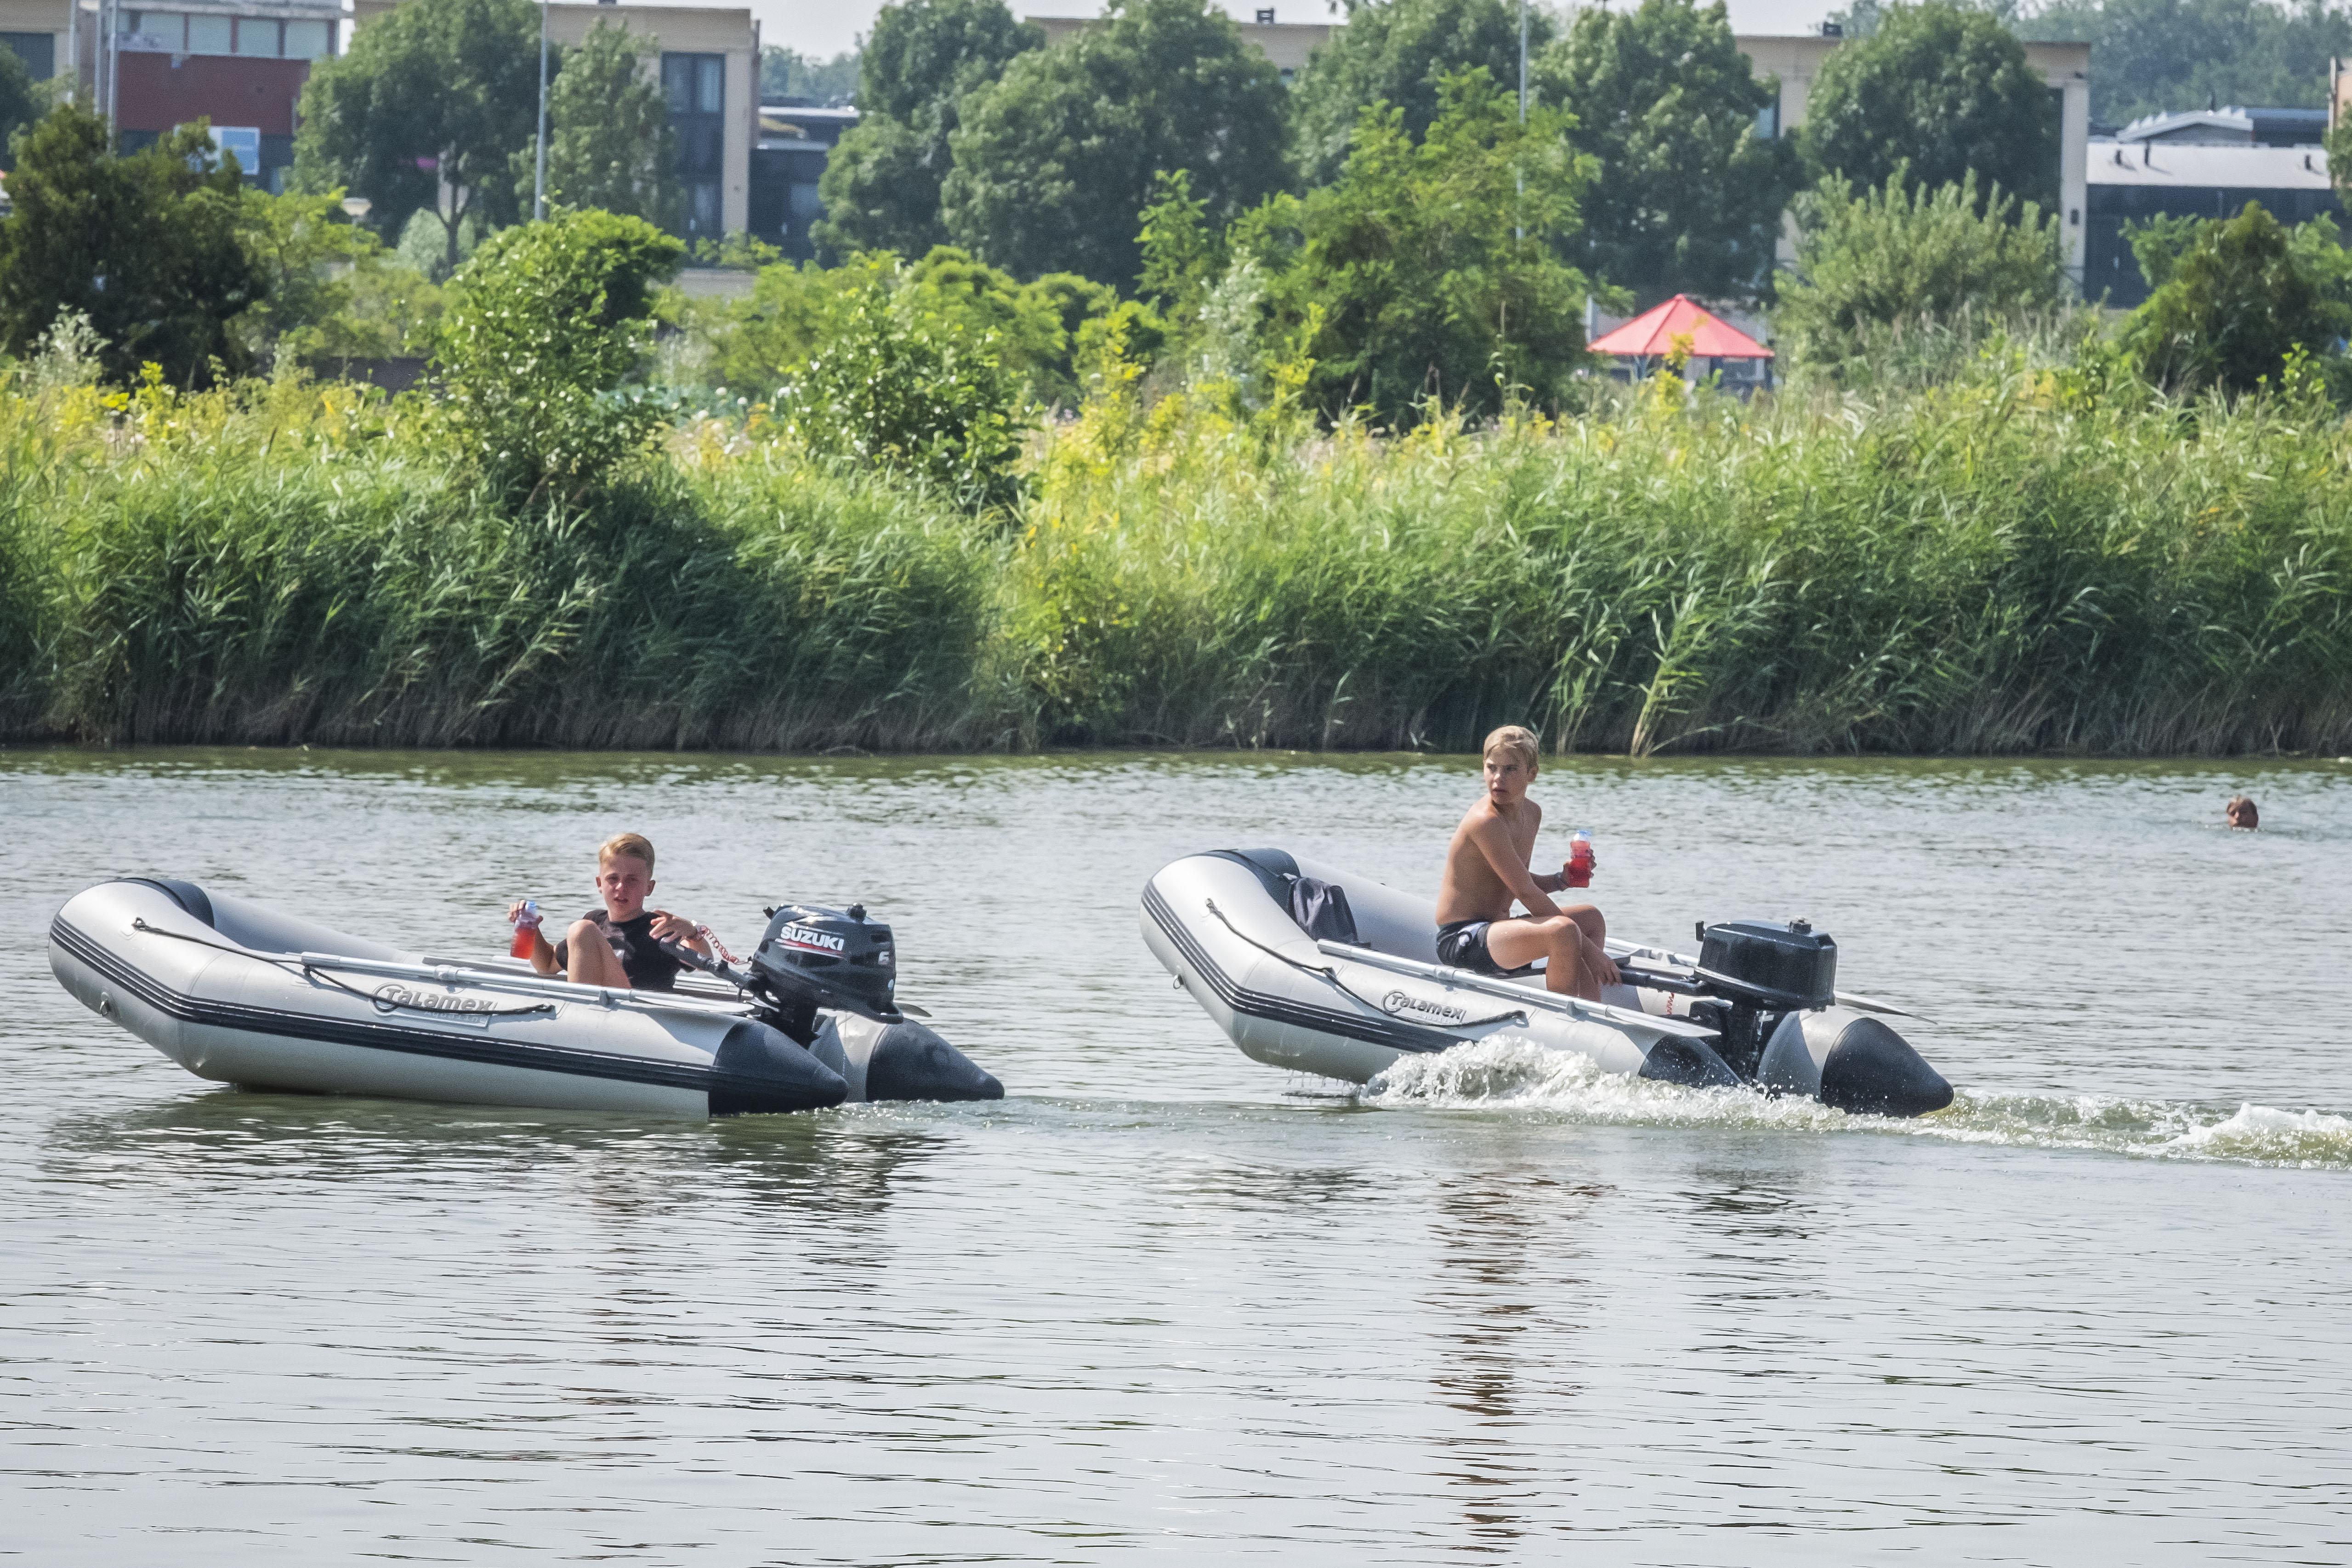 Snelle bootjes tussen de zwemmers ergernis voor omwonenden Vroonerplas; 'Dit moet een keer misgaan'